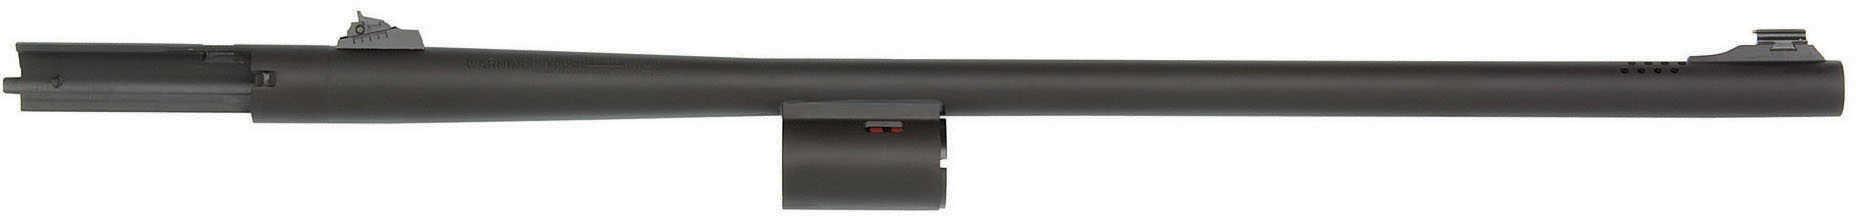 """Mossberg 930 Barrel 12 Gauge, 24"""" Barrel, Rifle Bore, Adjustable Rifle Md: 93010"""